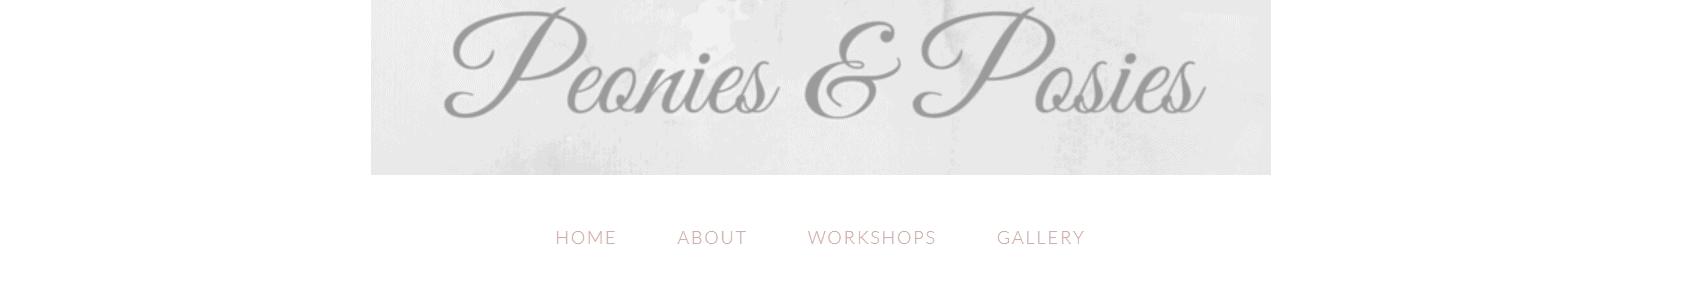 Peonies & Posies blog banner